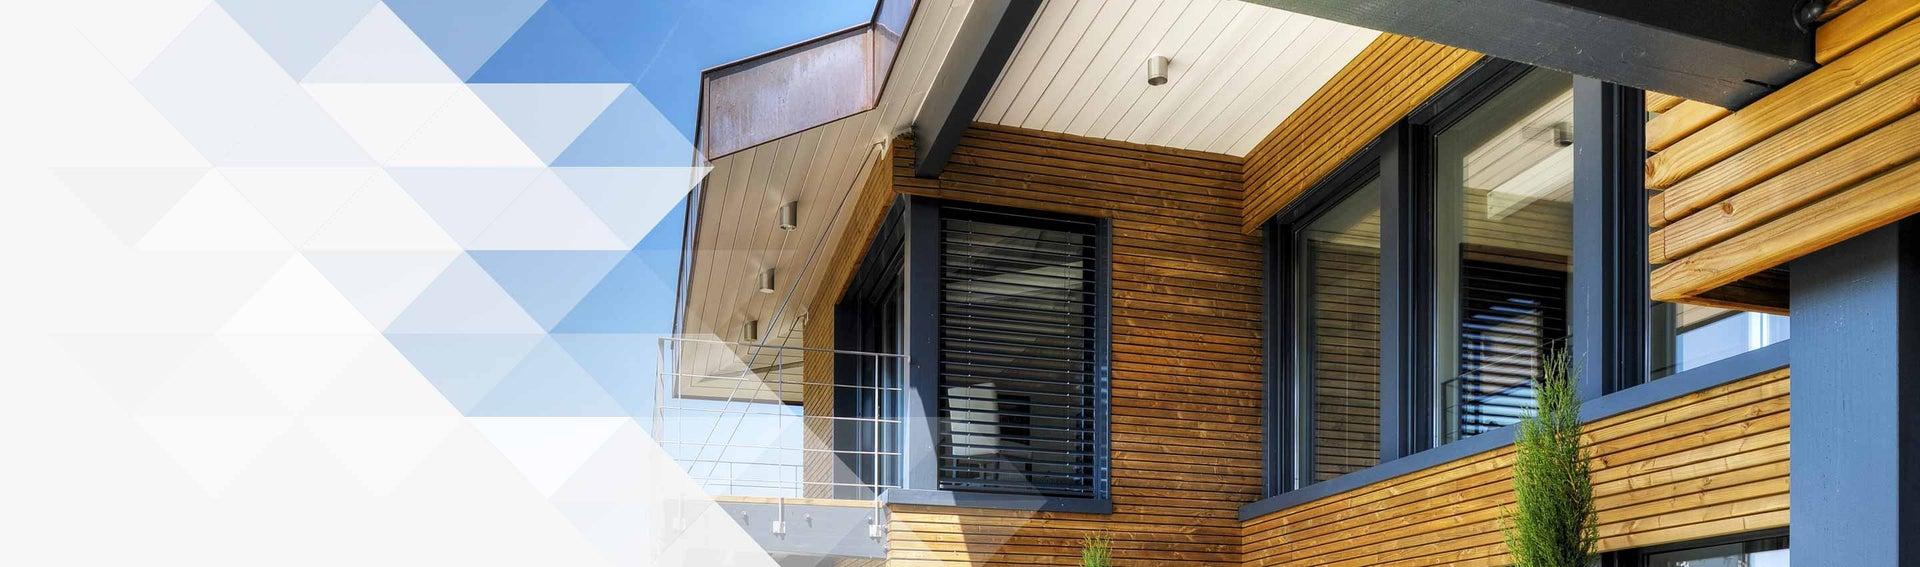 rénovation de façade | façade maison, bardage | leroy merlin